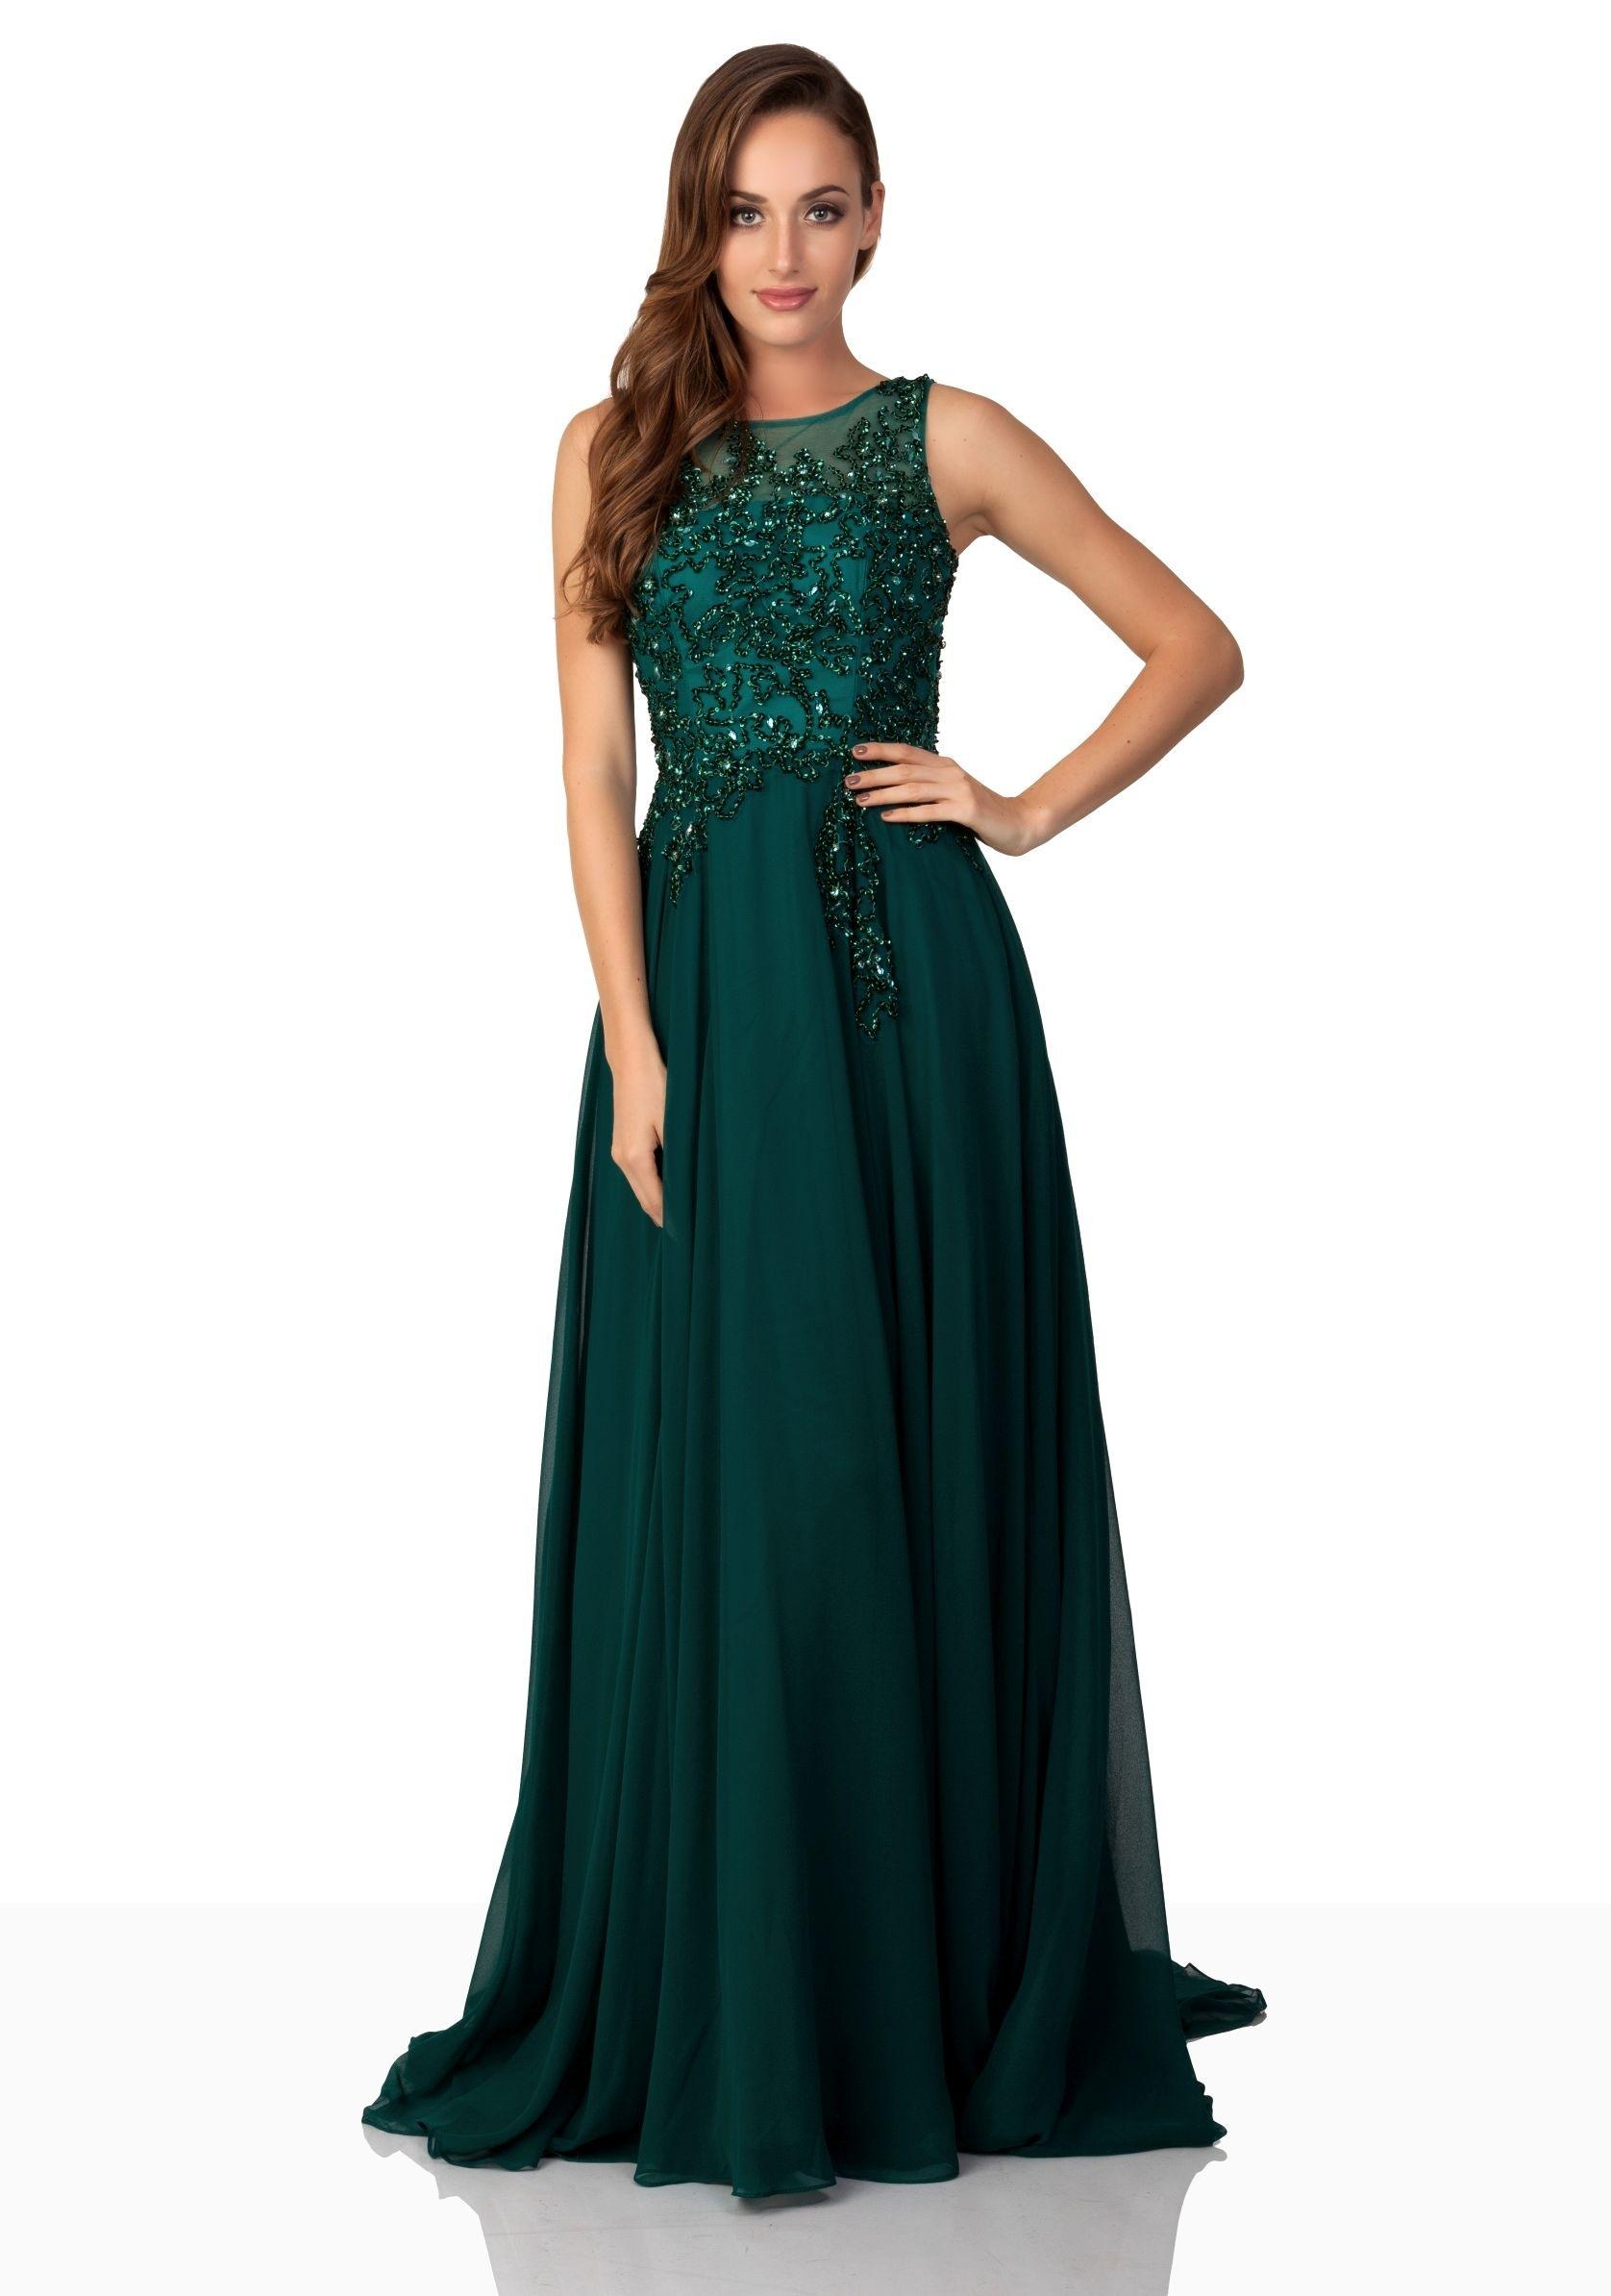 19 Genial Traumhafte Abendkleider Spezialgebiet - Abendkleid